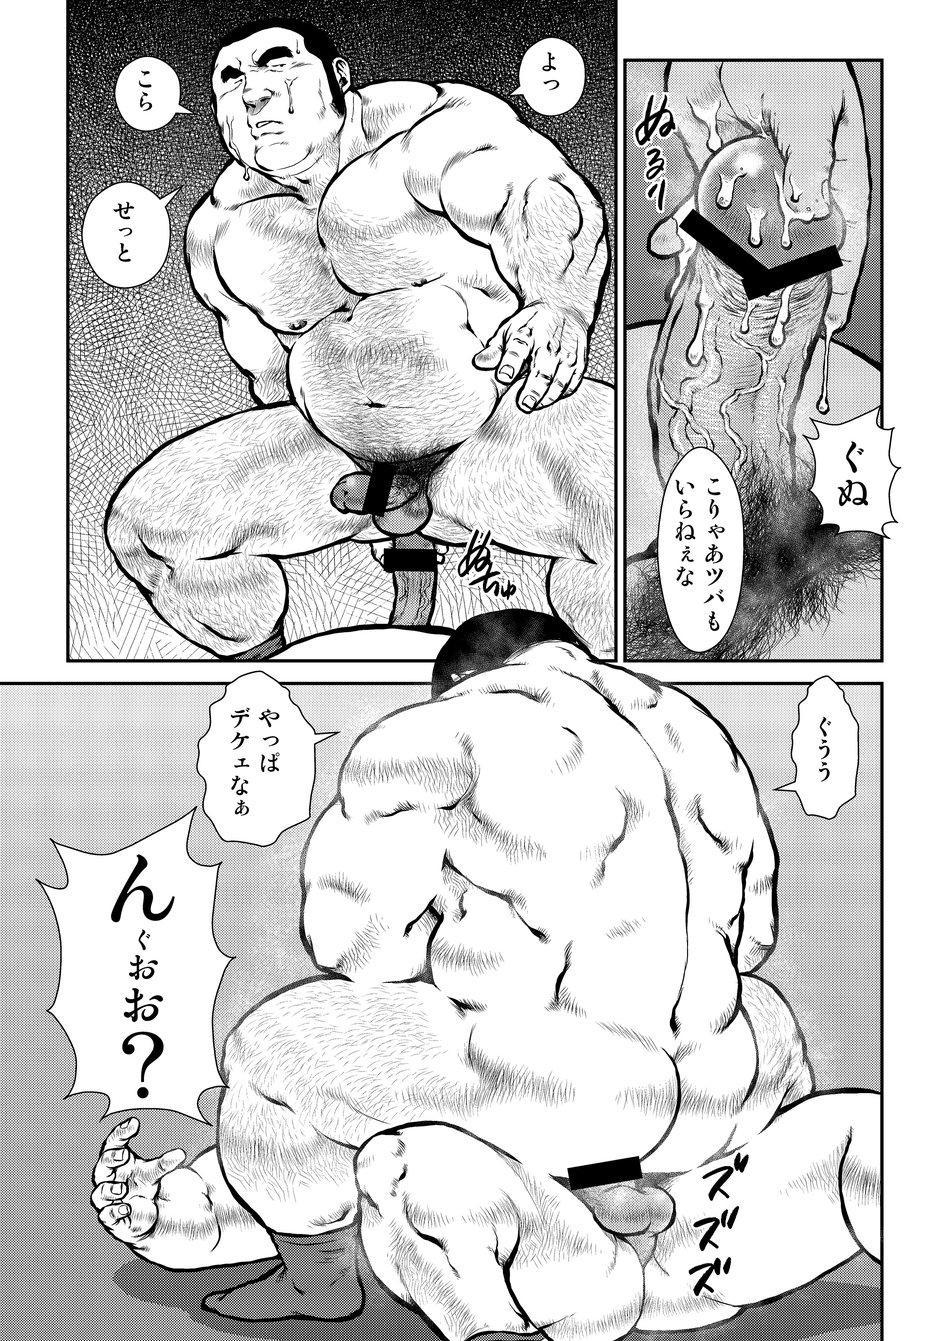 Hara Iso Hatsujou Seinendan Dai 4-wa 10